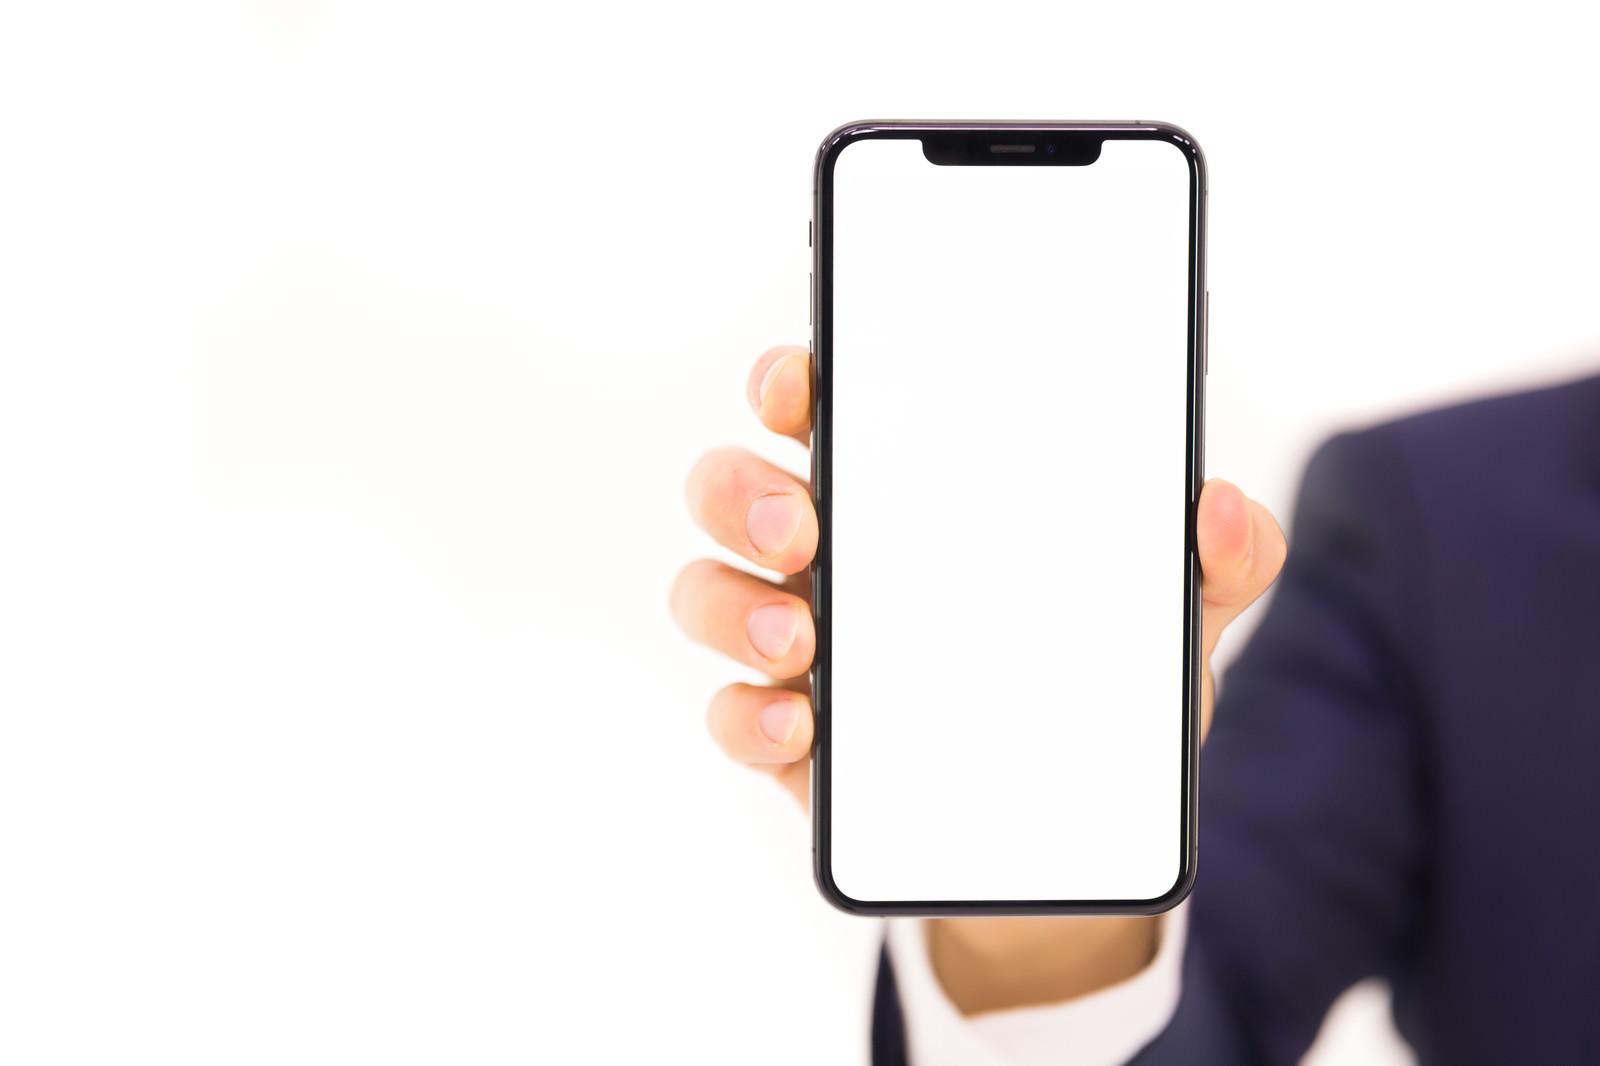 「iPhone XS Max の画面と本機を持つ手」の写真